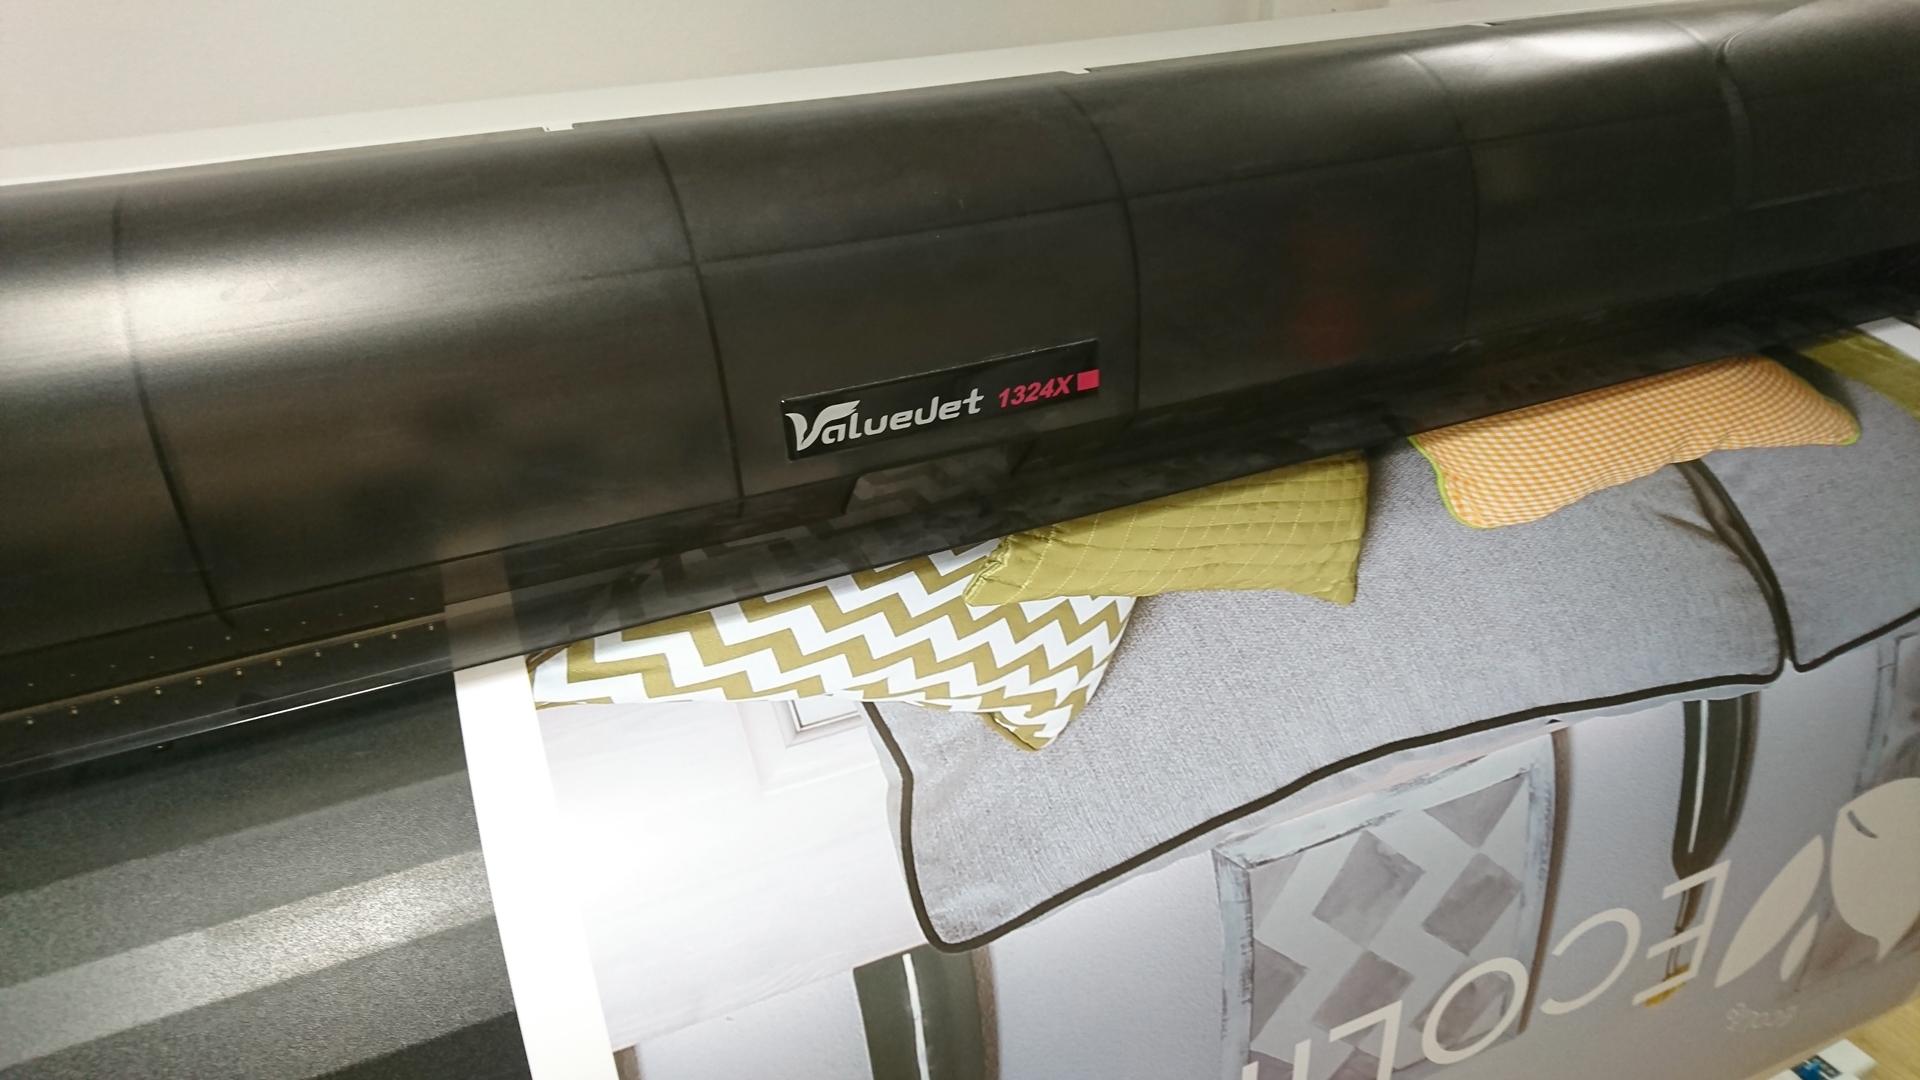 trwaly-wielorazowy-rollup-exclusive-stabilny-wymienna-grafika-druk